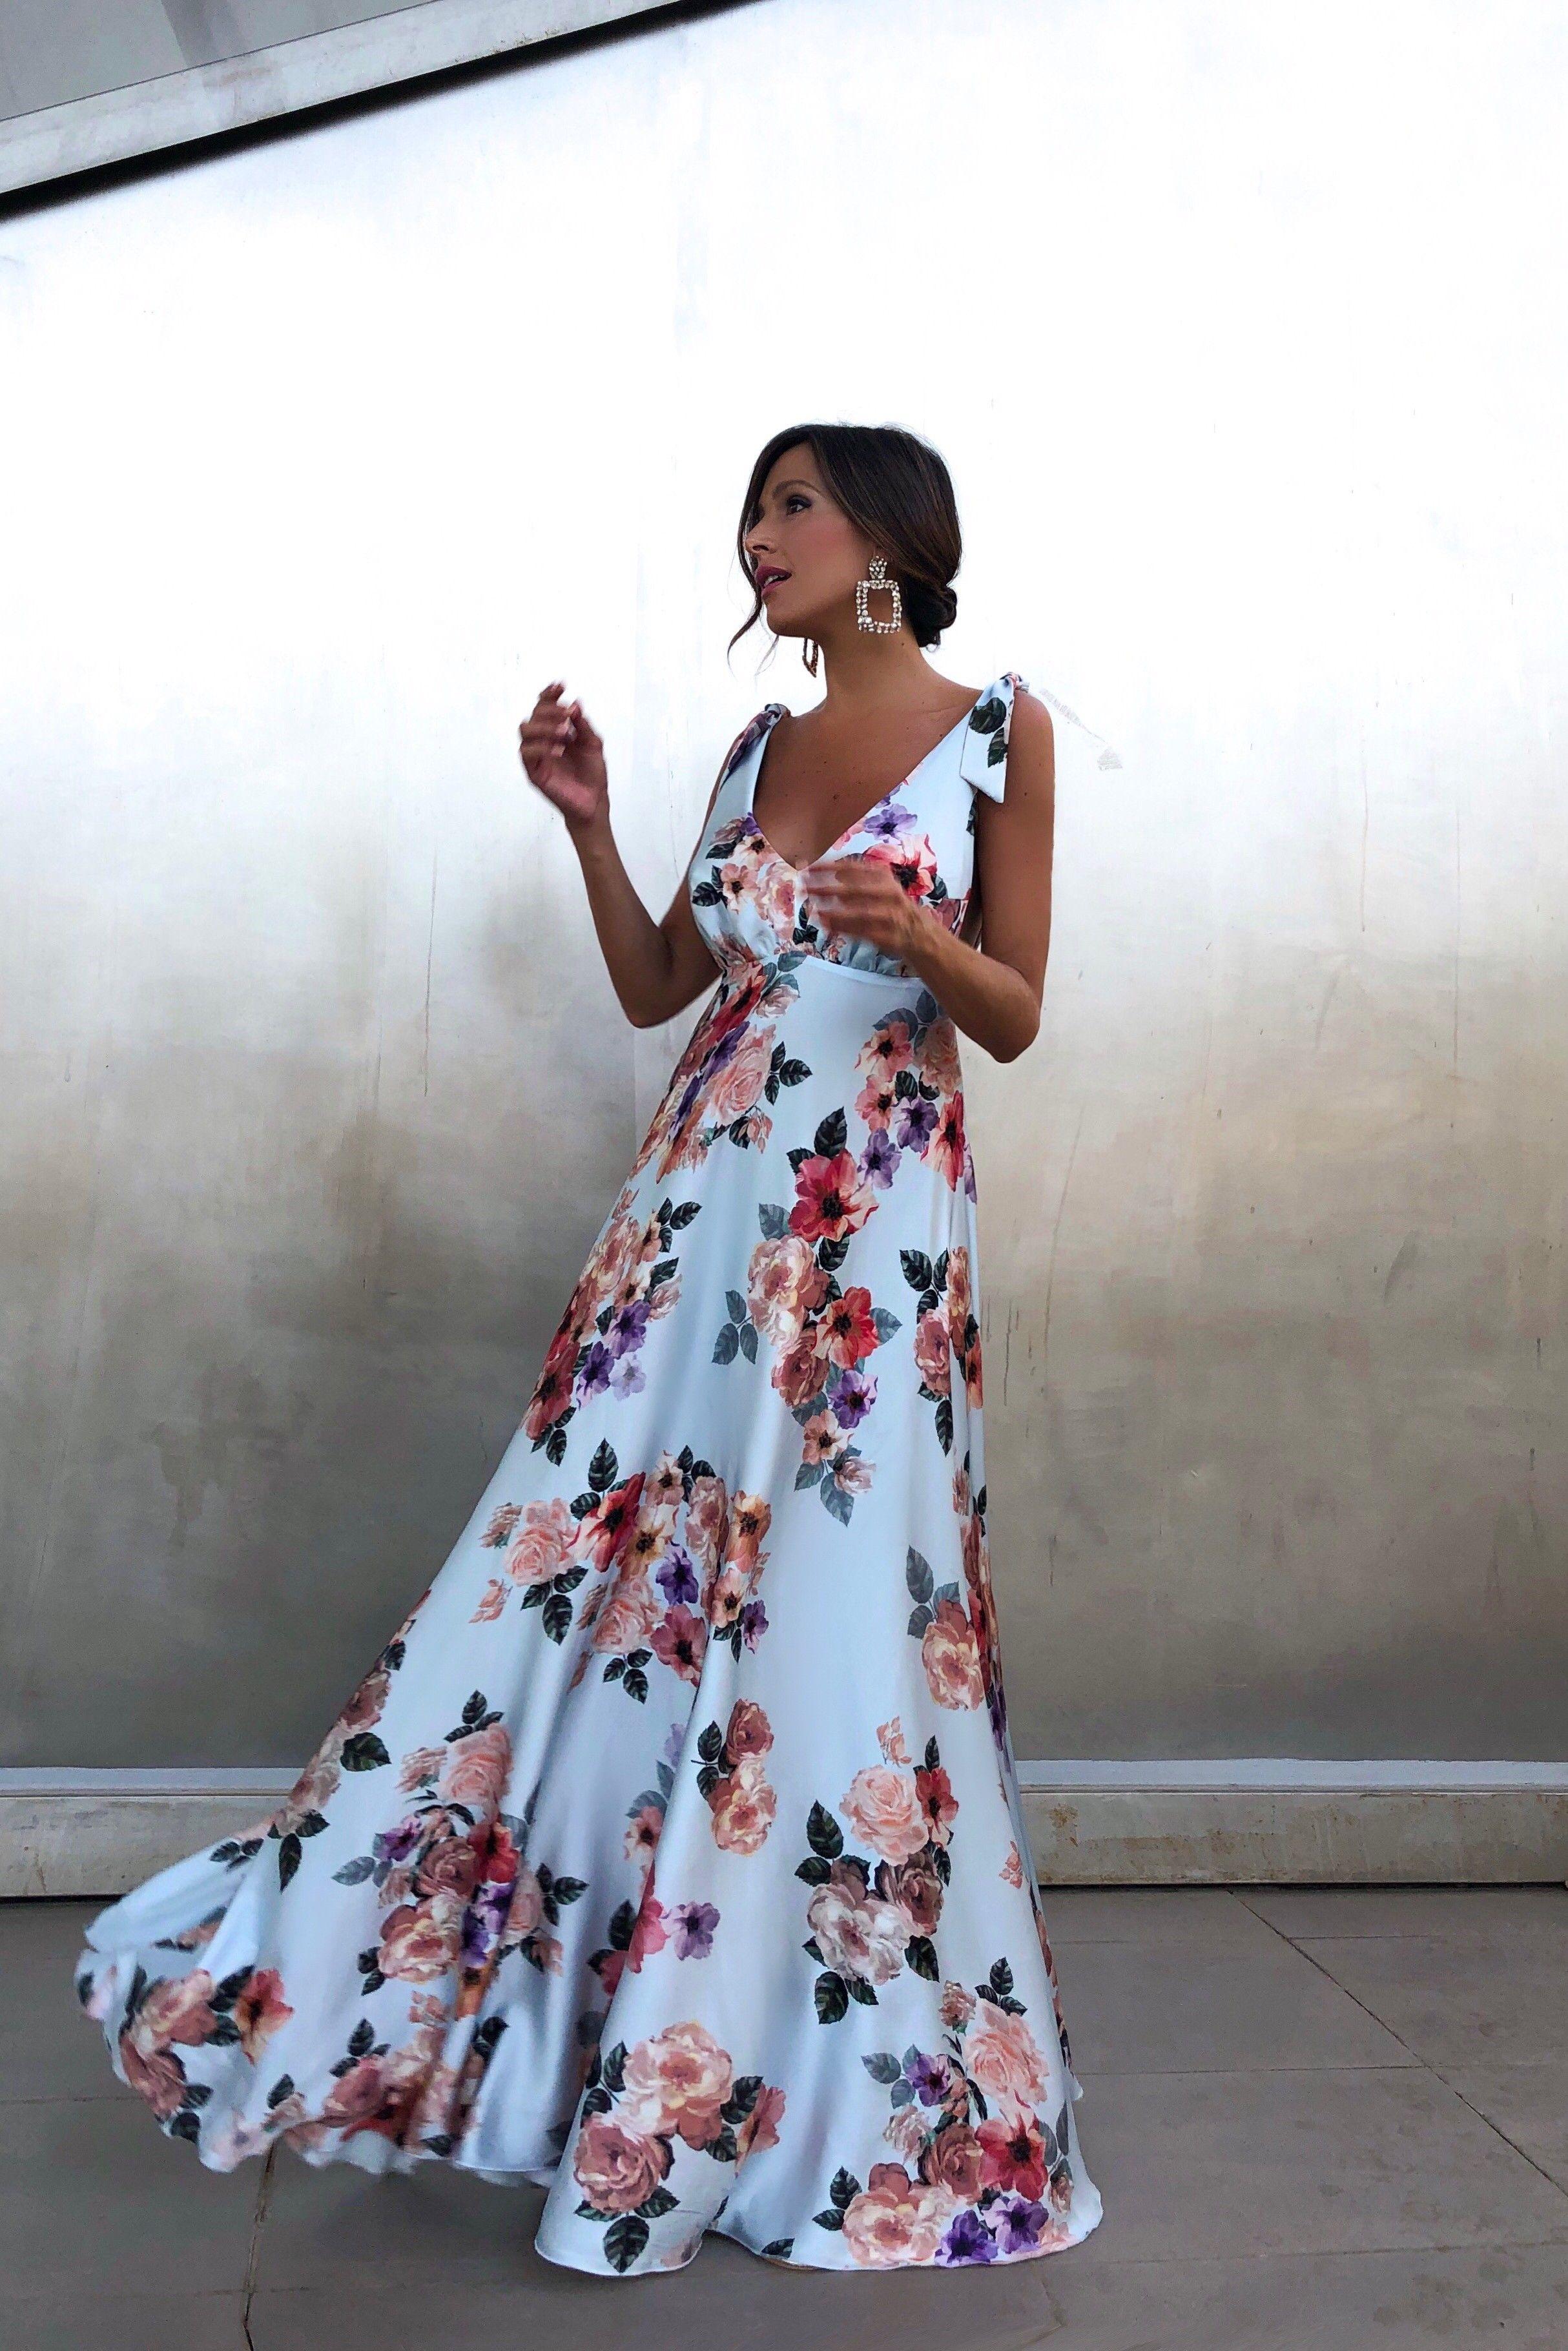 Vestido Alba Celeste Rocío Osorno Diseñadora De Moda Sevilla Vestidos Largos Para Boda Vestidos De Flores Largo Vestidos De Fiesta Verano